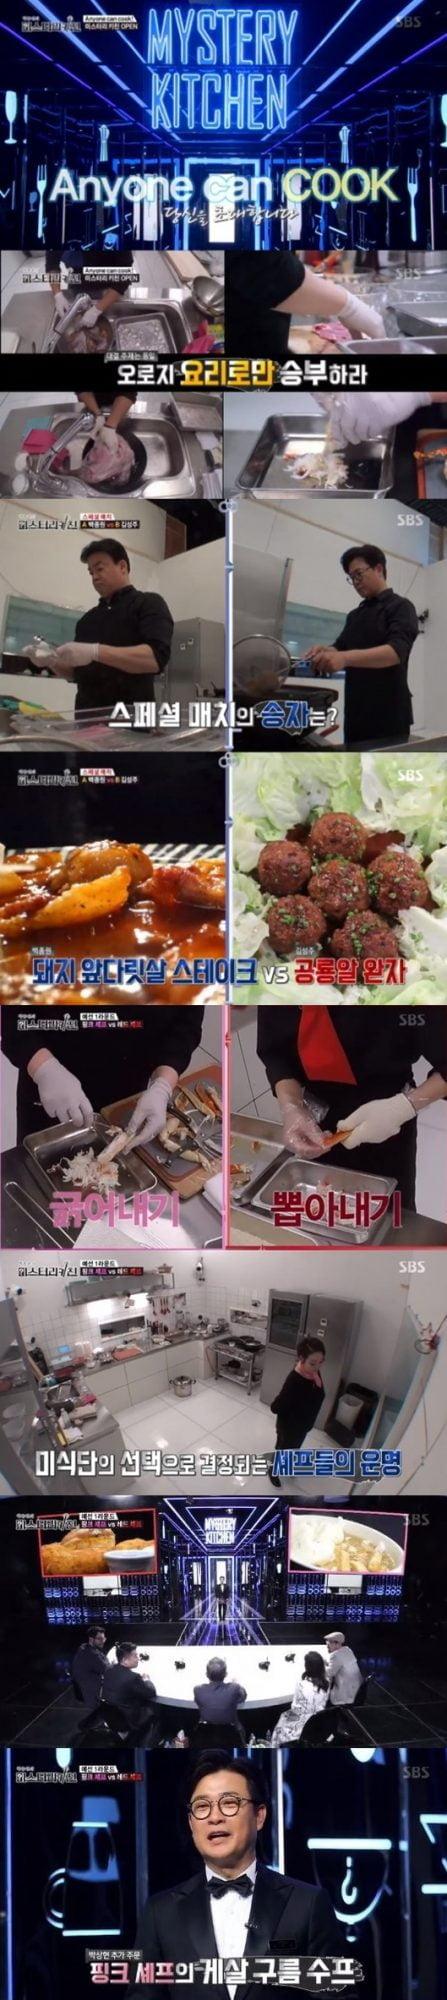 '미스터리 키친' 방송 캡처/사진제공=SBS